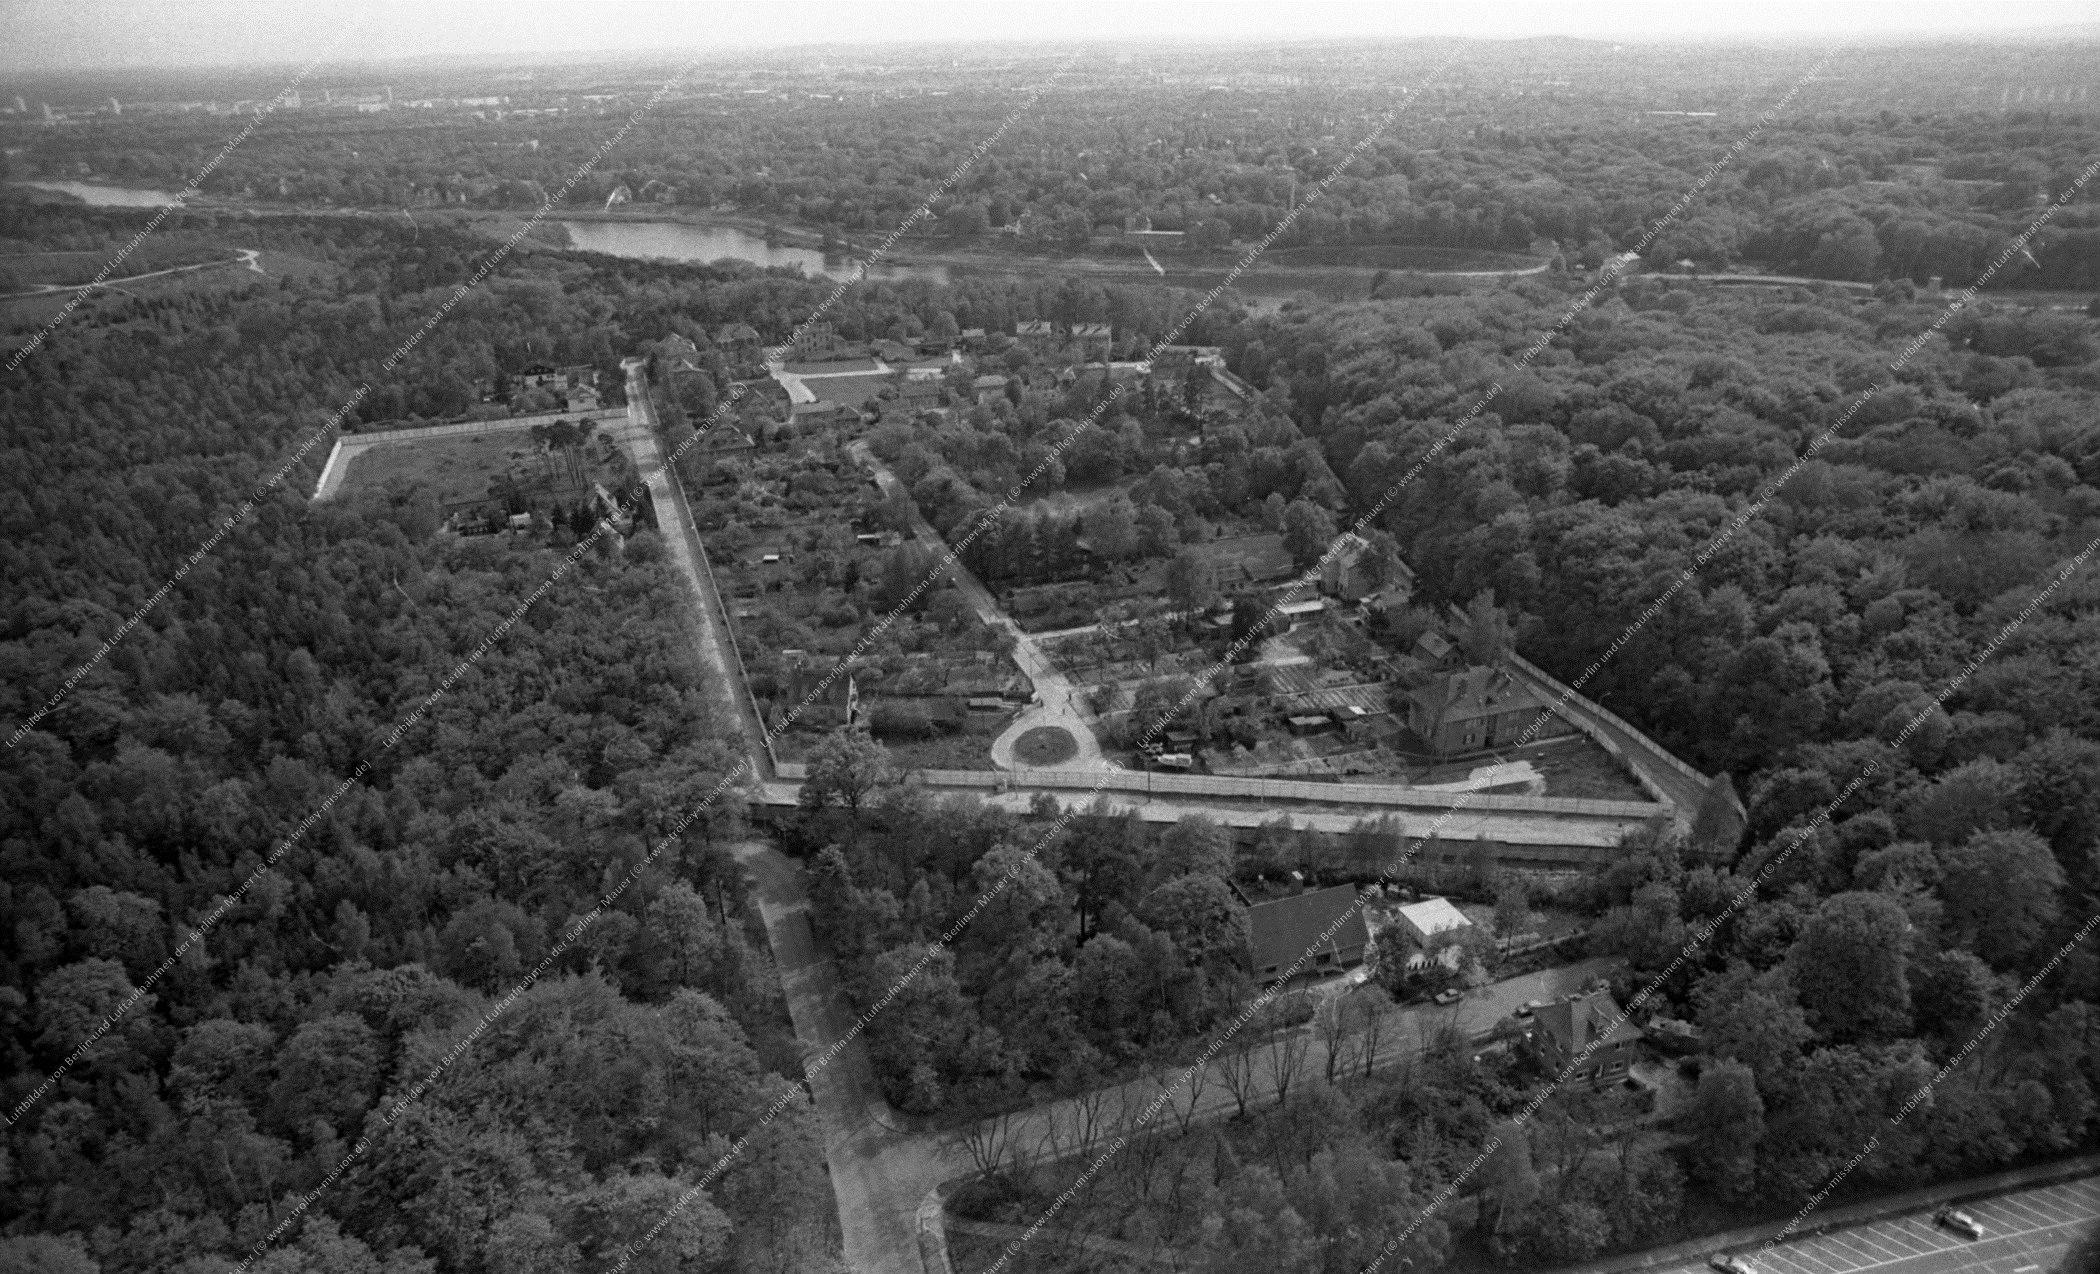 Luftaufnahme von Klein Glienicke der Ost-Enklave im Westen (Blinddarm der DDR) an der Königsstraße vom 12. Mai 1982 (Bild 061)